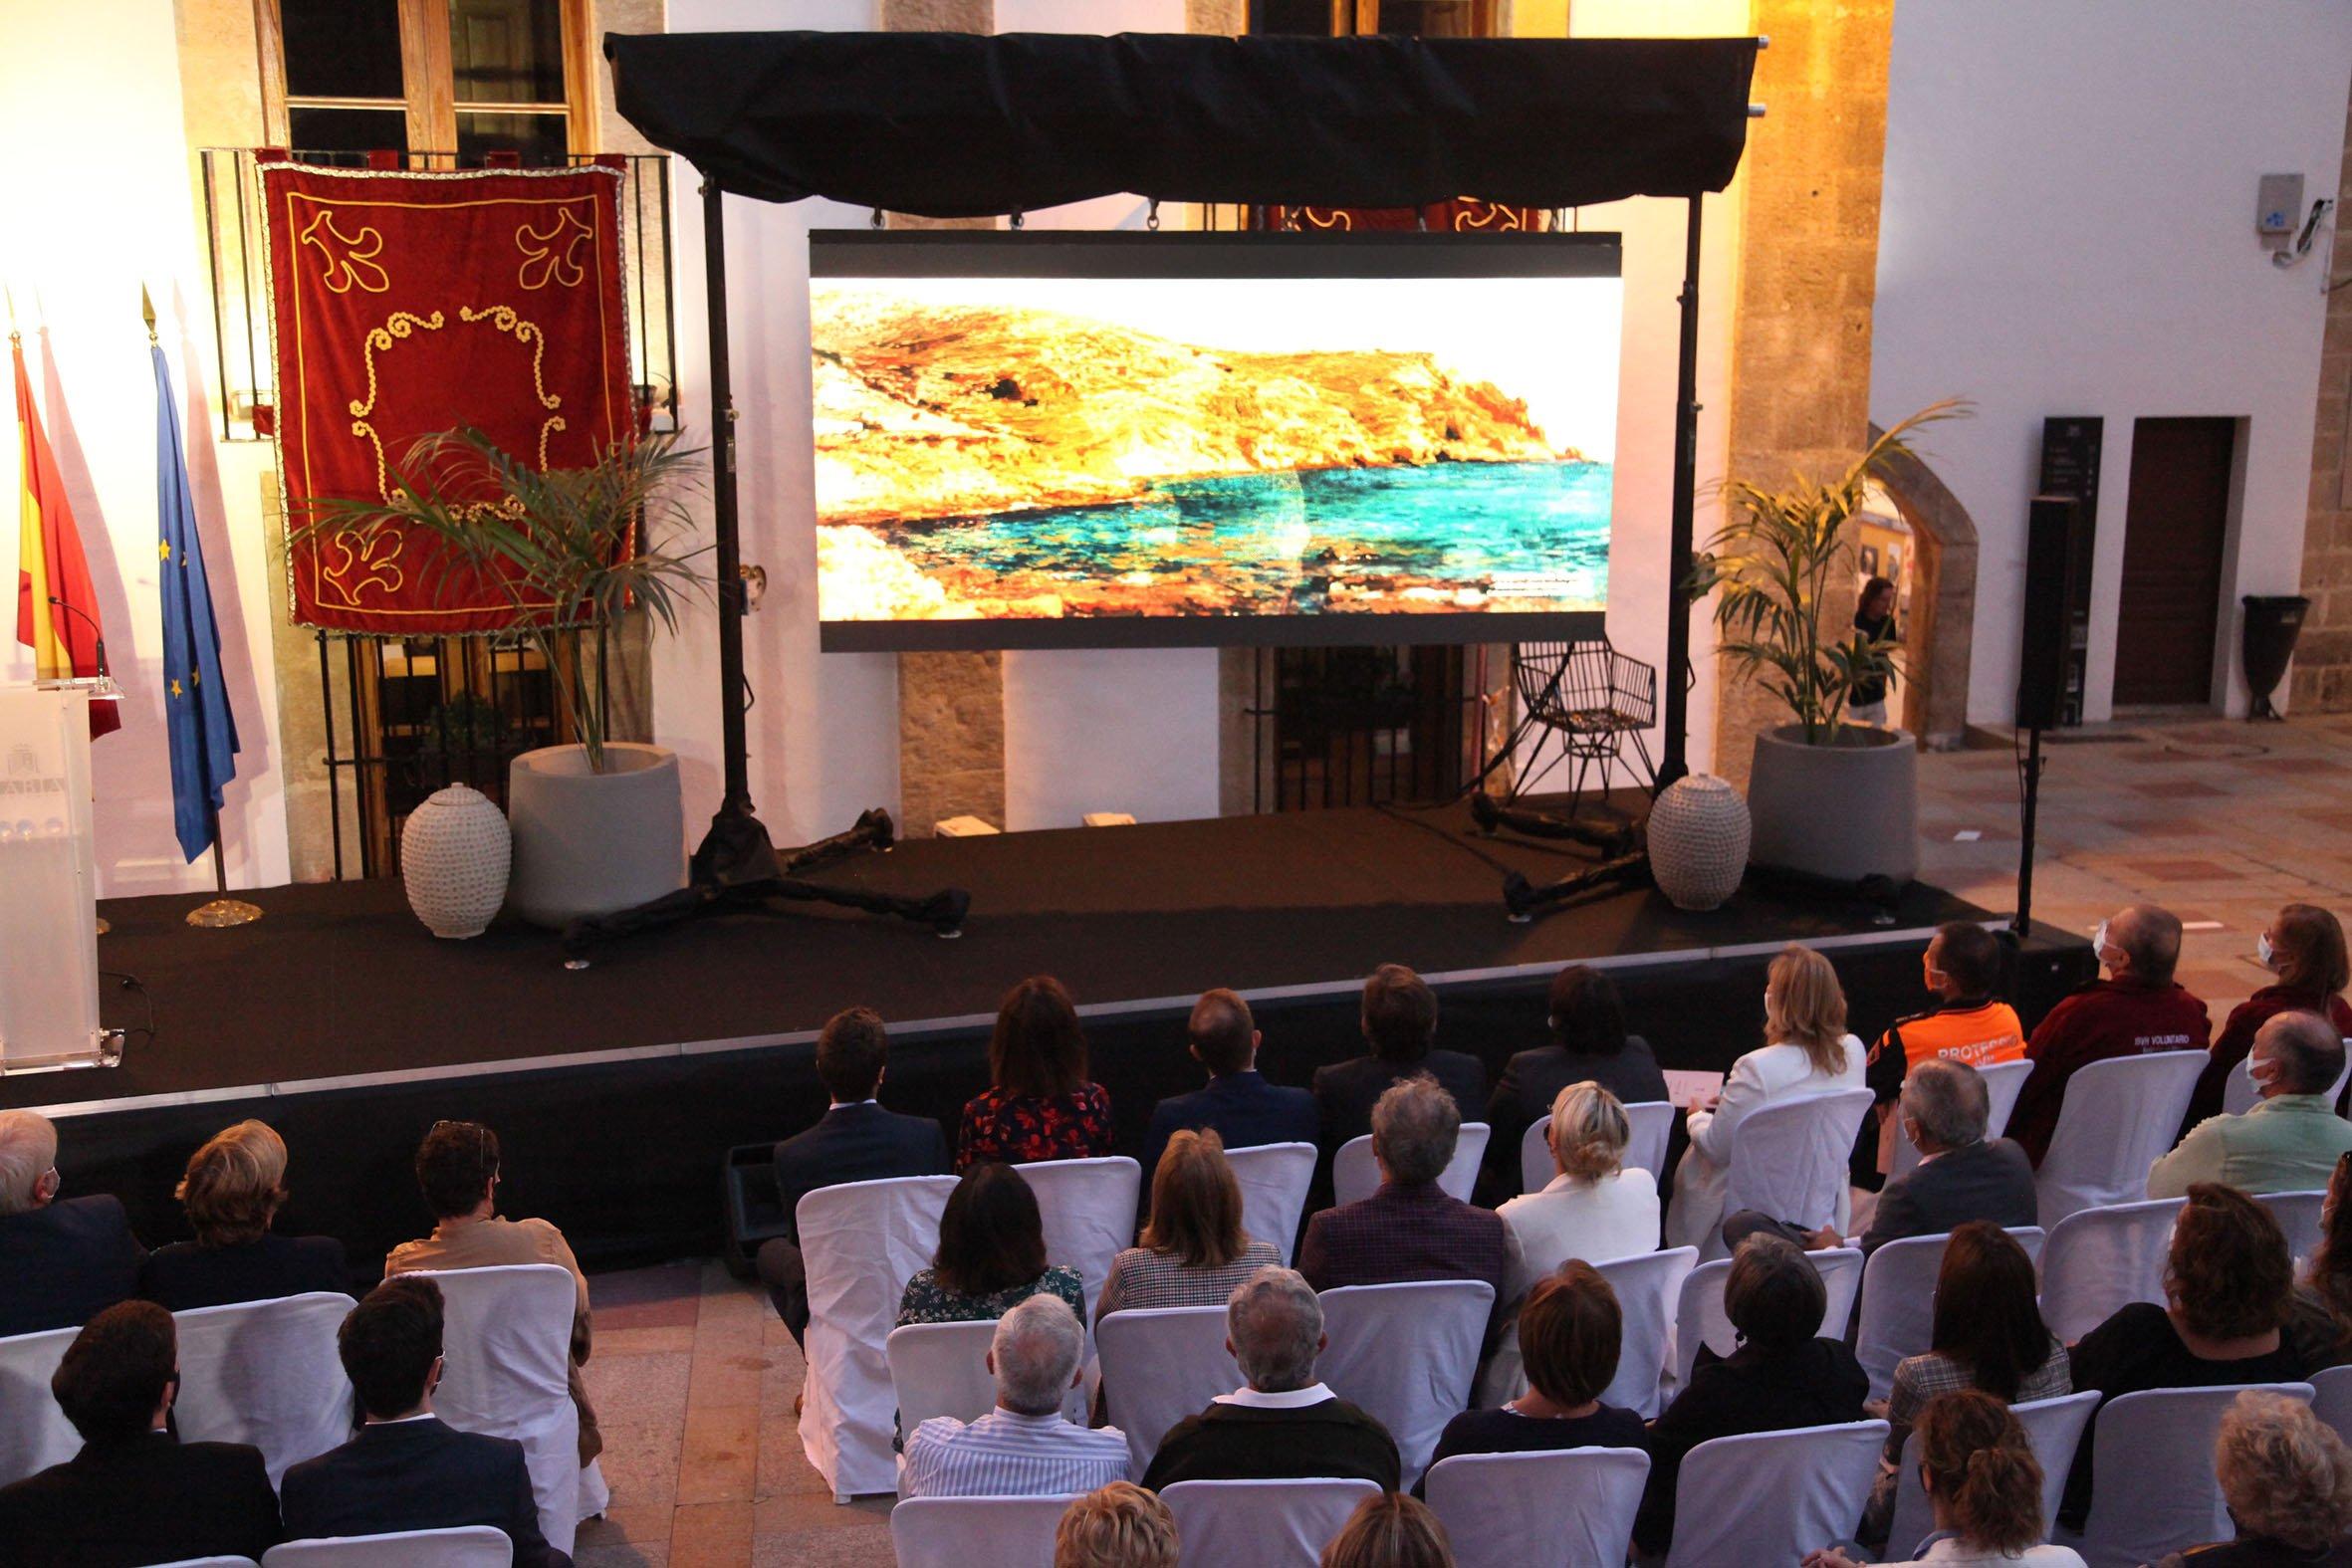 Acto institucional 9 d'octubre-Premi Vila de Xàbia a Fundación Museo Sorolla (10)